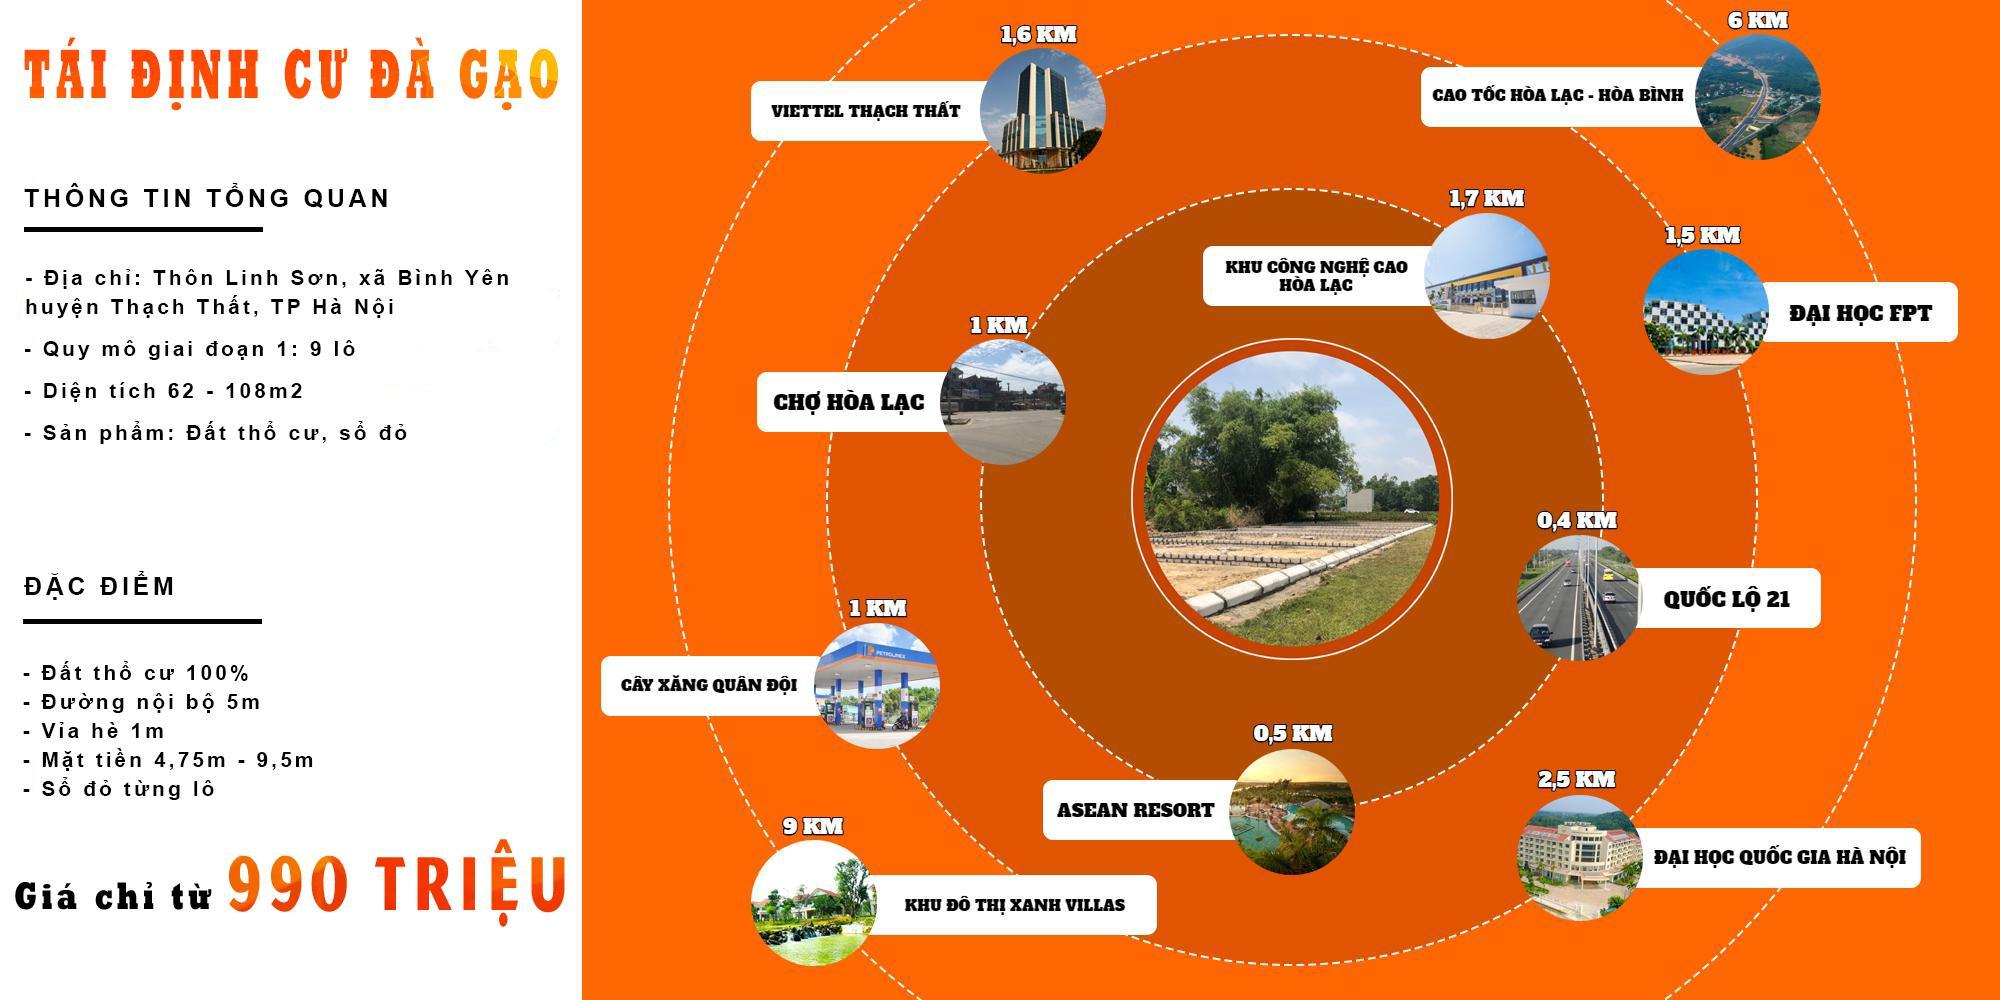 Vị trí khu tái định cư Đà Gạo, thôn Linh Sơn, Bình Yên, Thạch Thất, Hà Nội